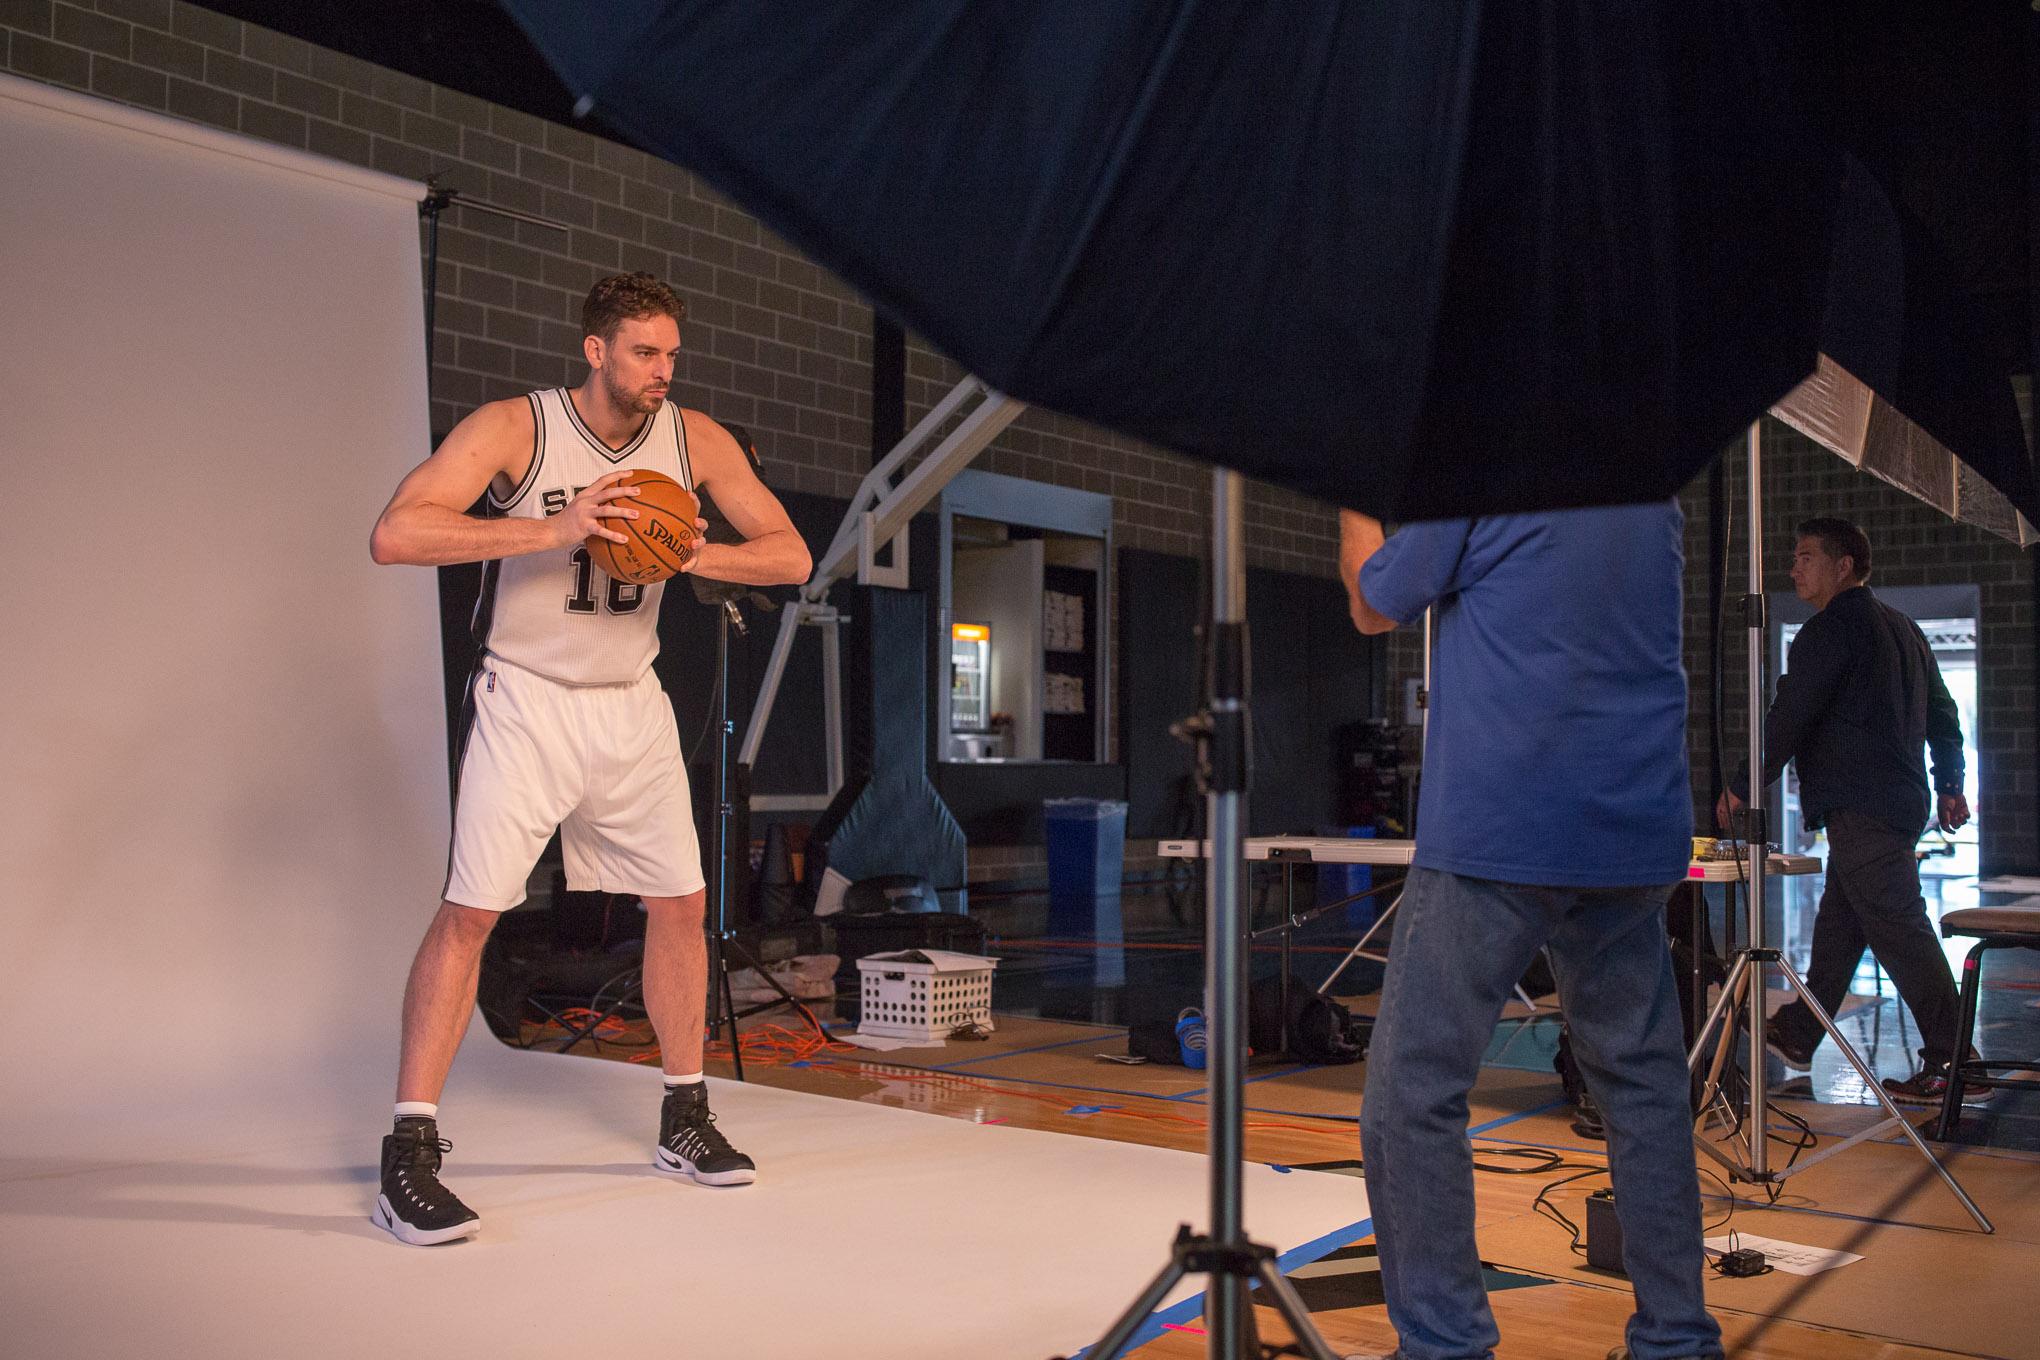 Spurs Center Pau Gasol poses for a portrait. Photo by Scott Ball.